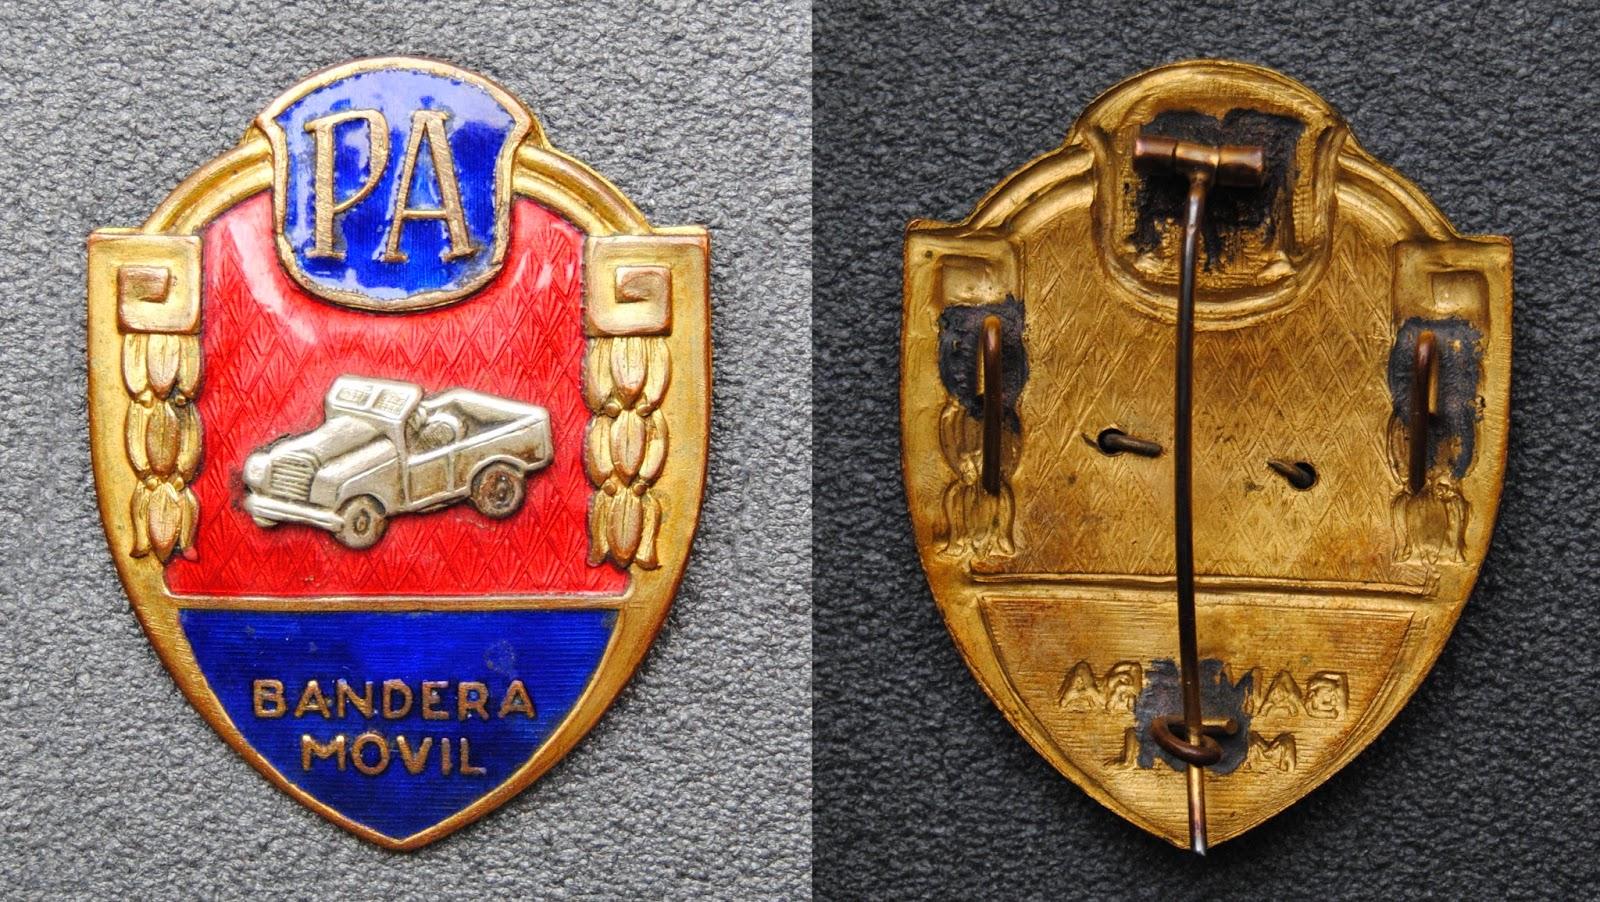 policia - POLICÍA ARMADA BANDERA MOVIL POLICIA+ARMADA+BANDERA+MOVIL